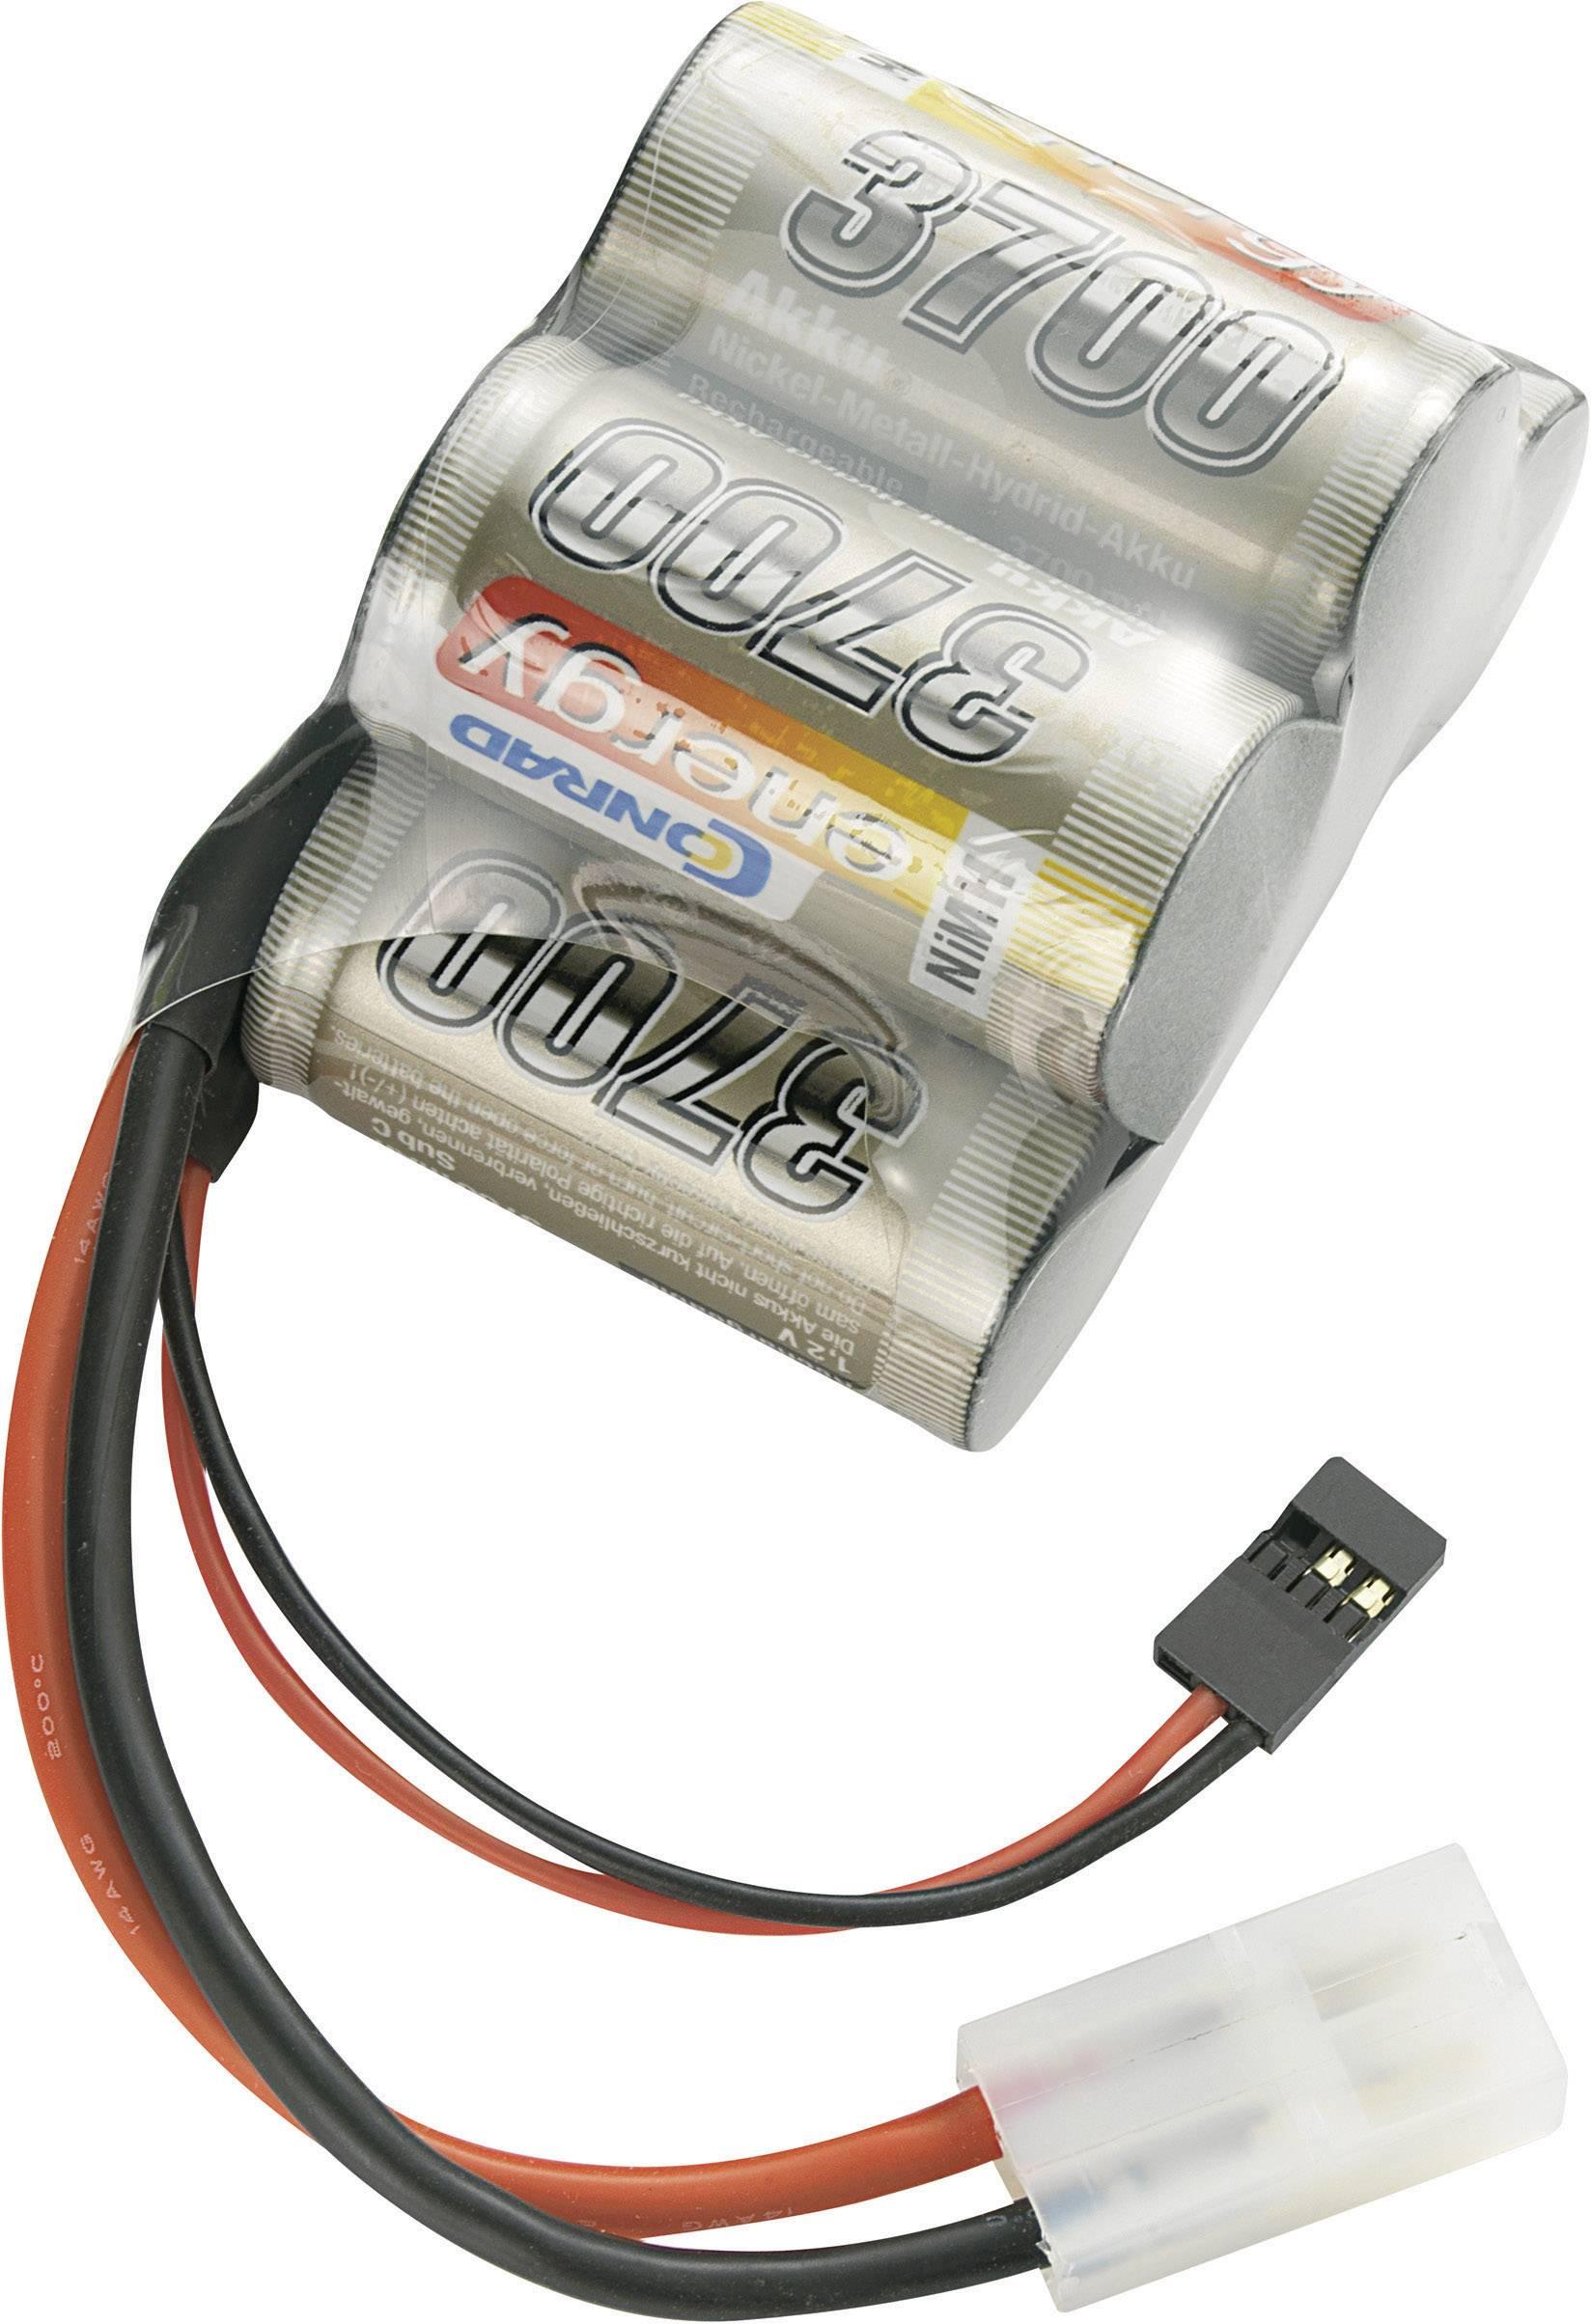 Akupack přijímače NiMH Conrad Energy Sub-C, 6 V, 3700 mAh, Hump, JR / Tamiya